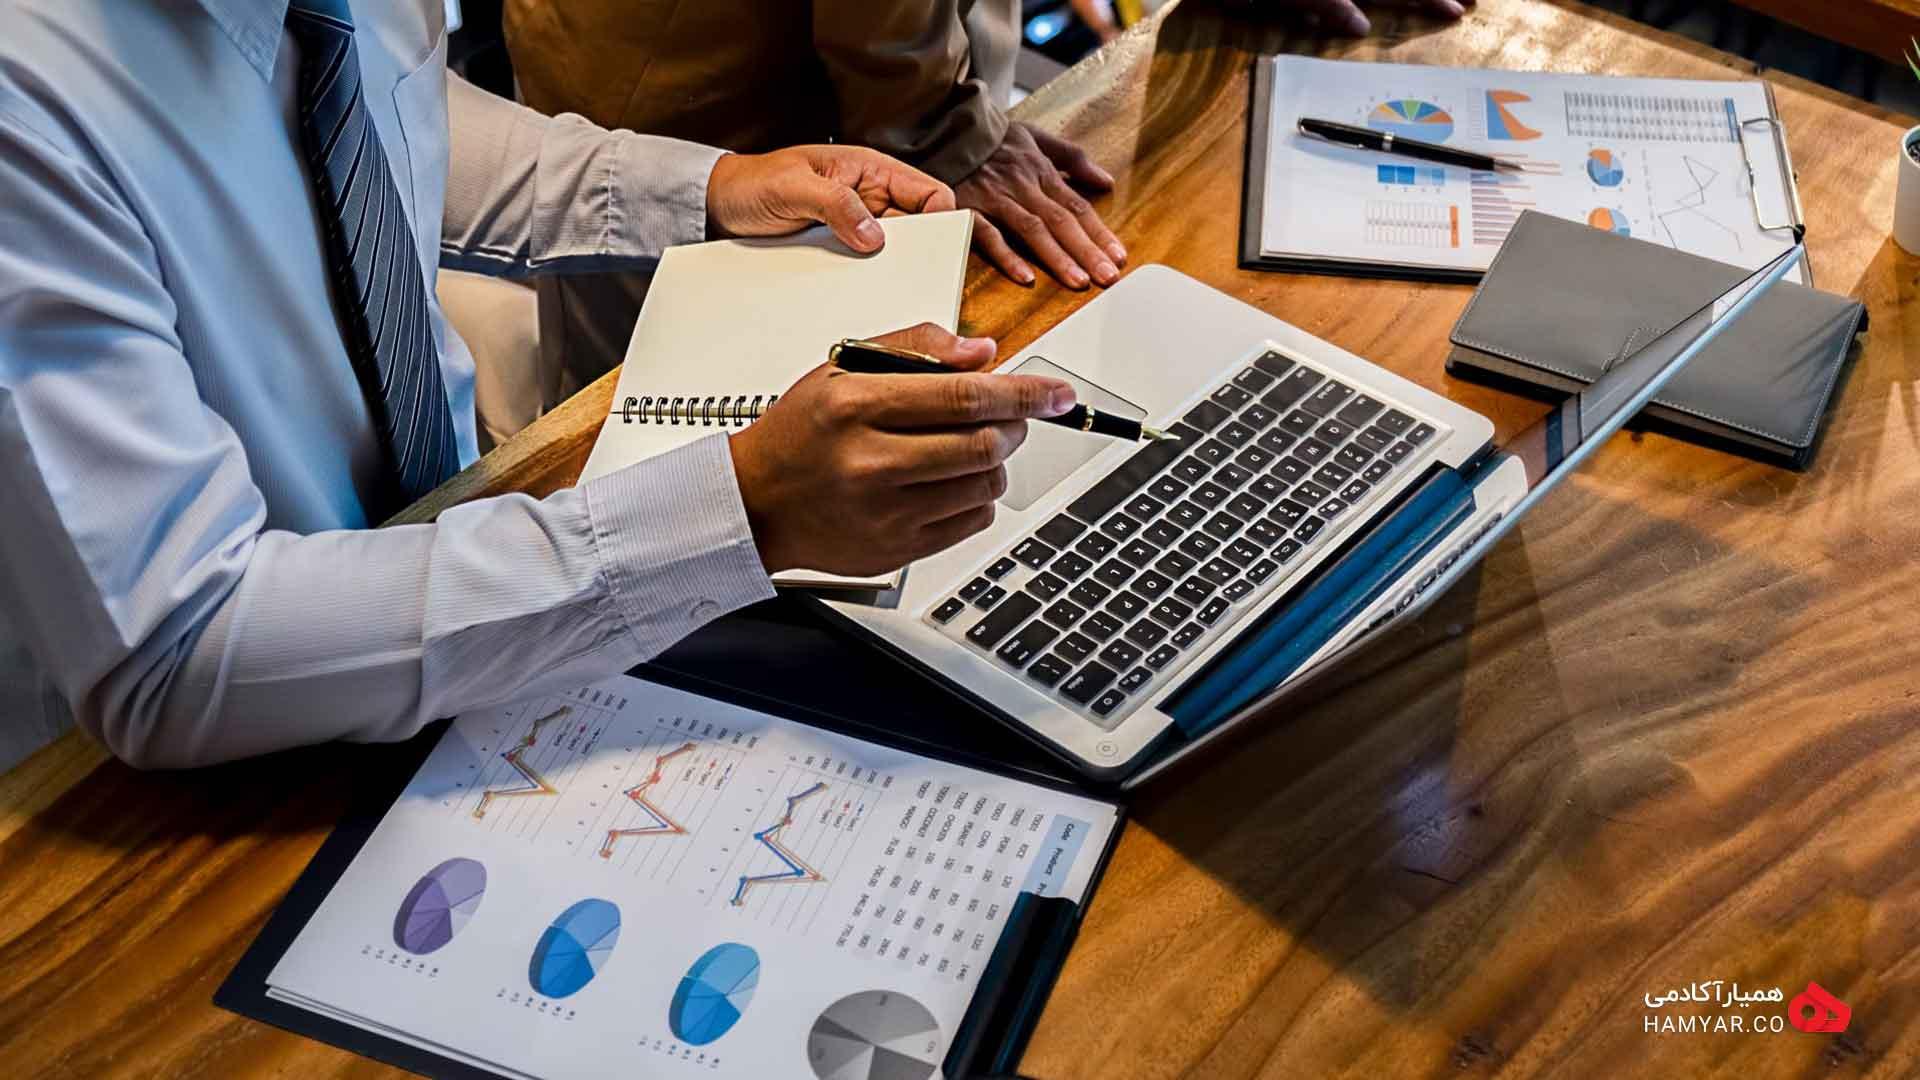 مدیریت کسب و کار اینترنتی چگونه کسب و کار اینترنتی خود را مدیریت کنیم؟